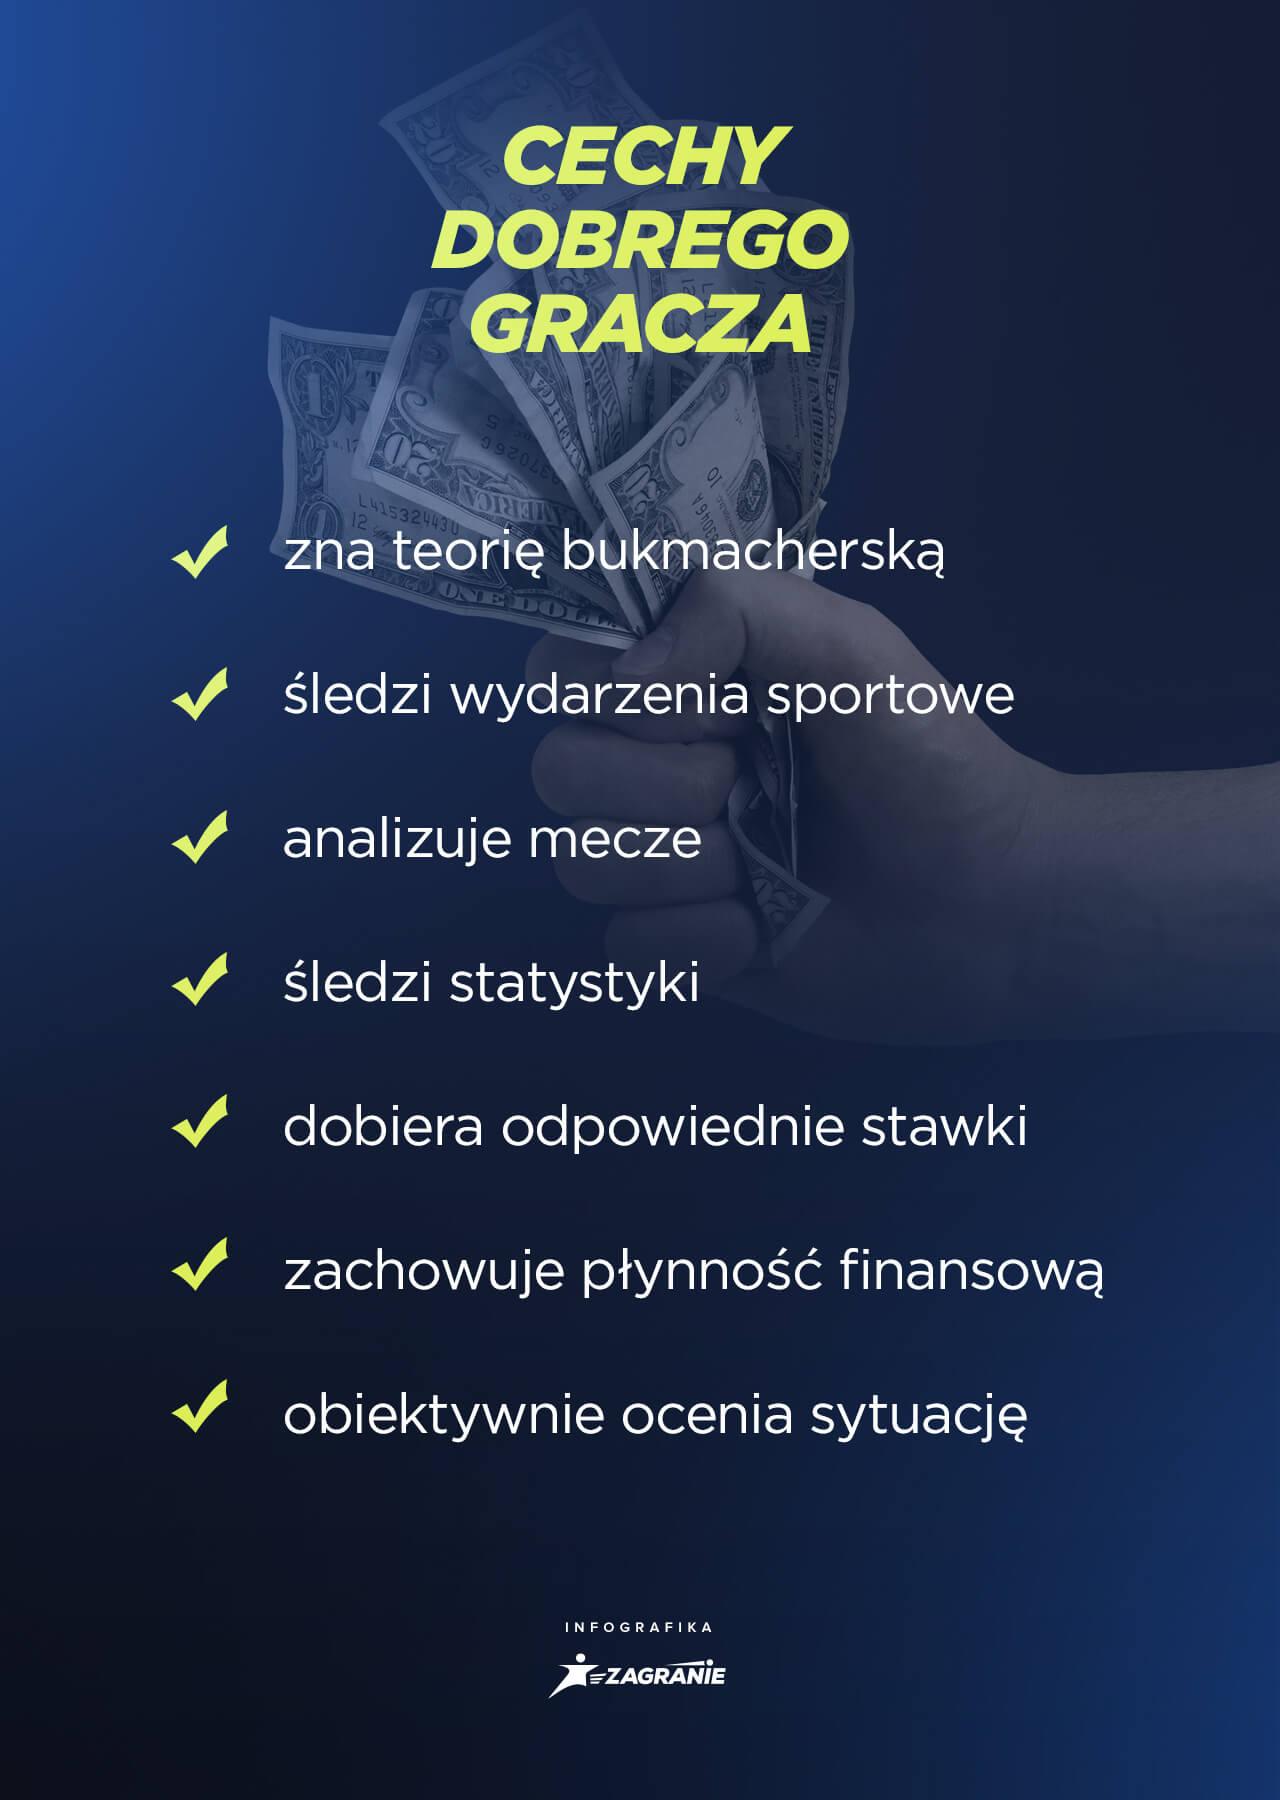 Cechy dobrego gracza